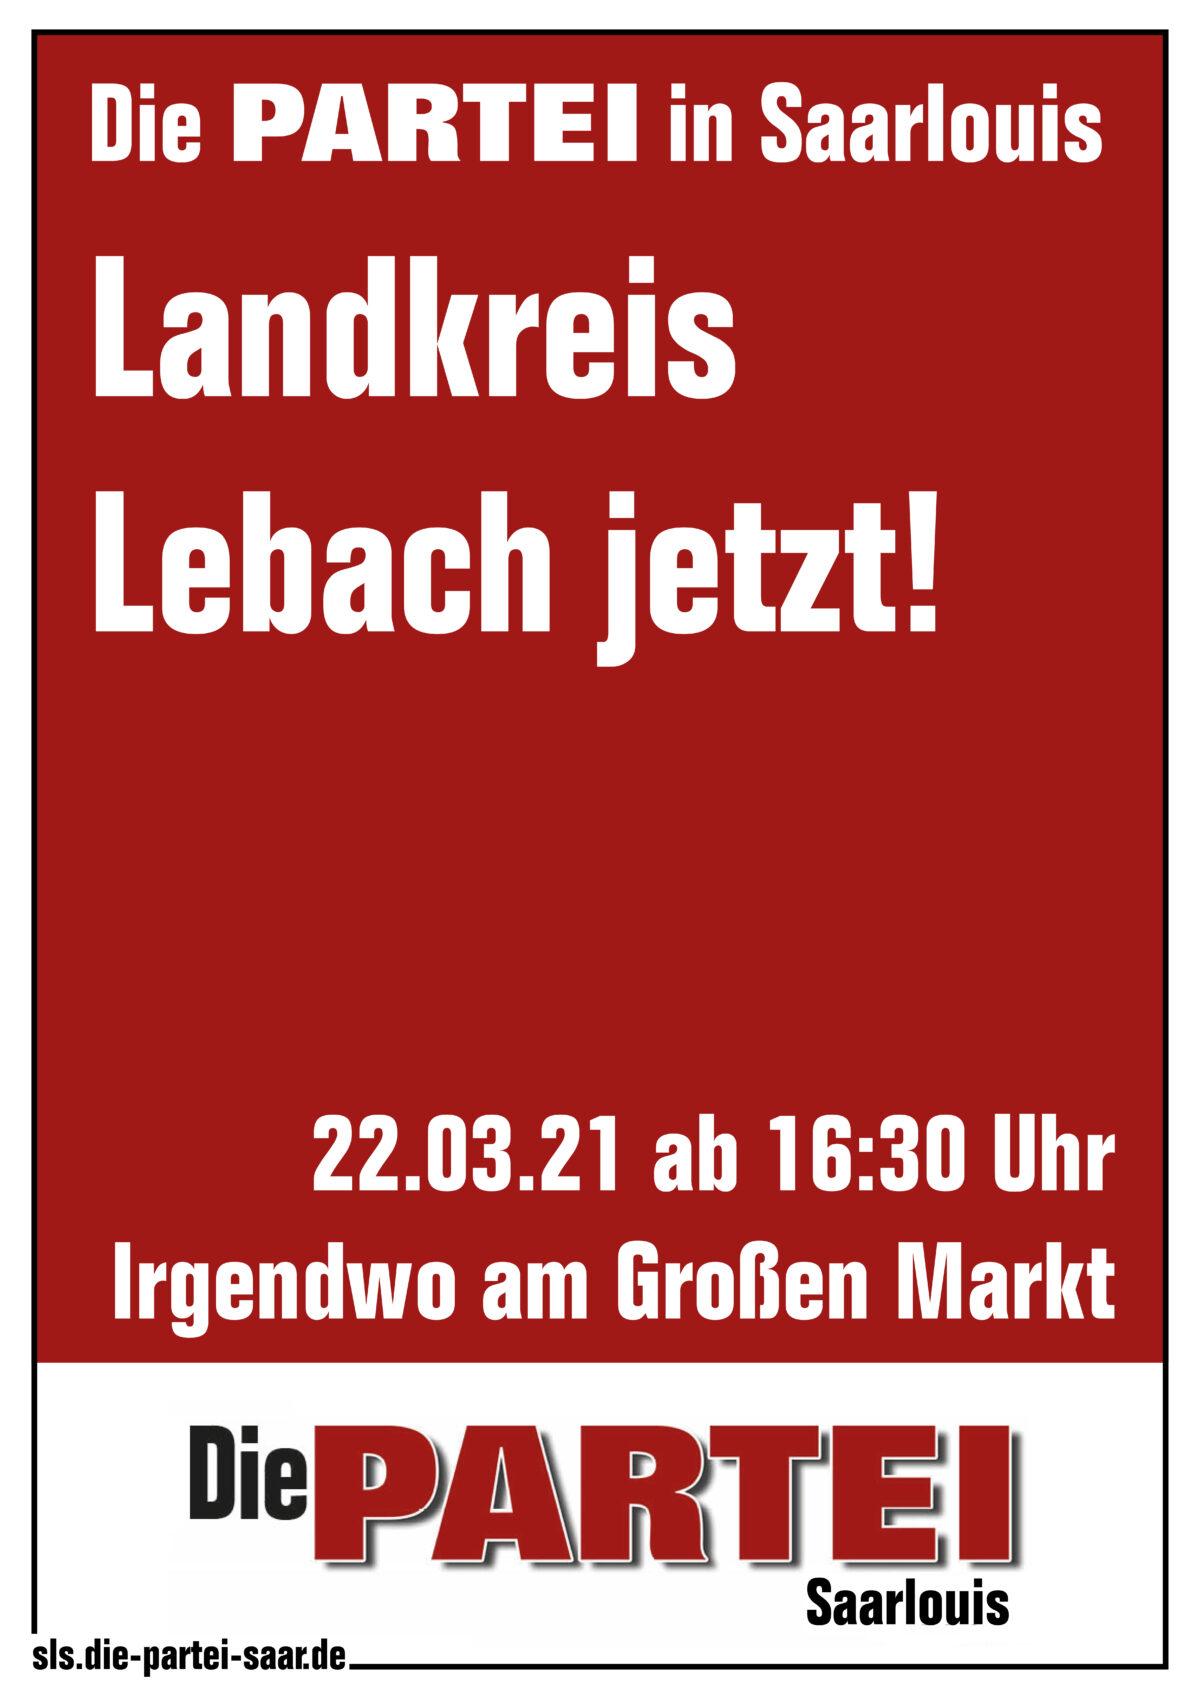 Die PARTEI in Saarlouis: Landkreis Lebach jetzt!